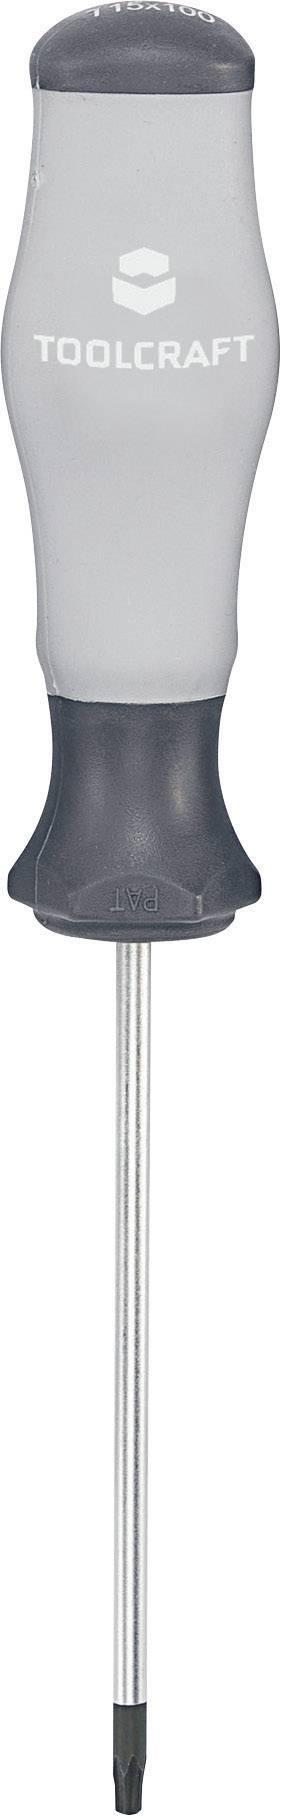 Šroubovák Torx dílna TOOLCRAFT 820721, T 6 x 75 mm,